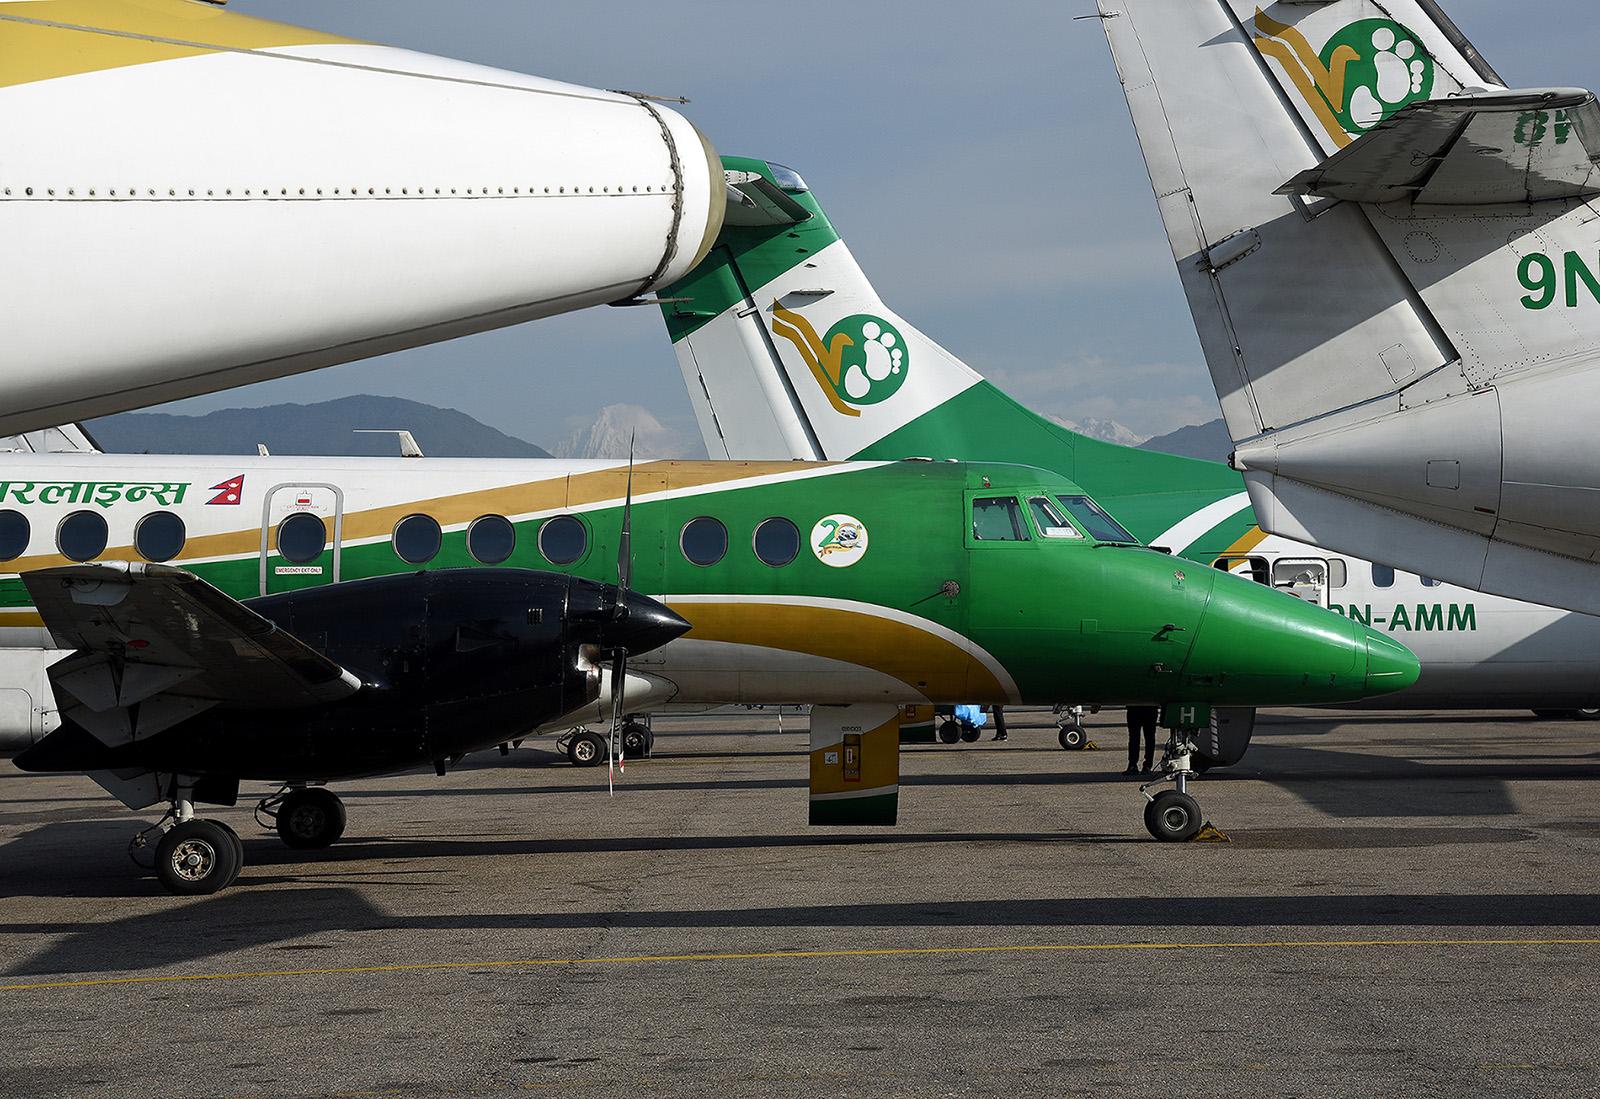 Und noch mehr von diesem wirklich schönen Flugzeug.